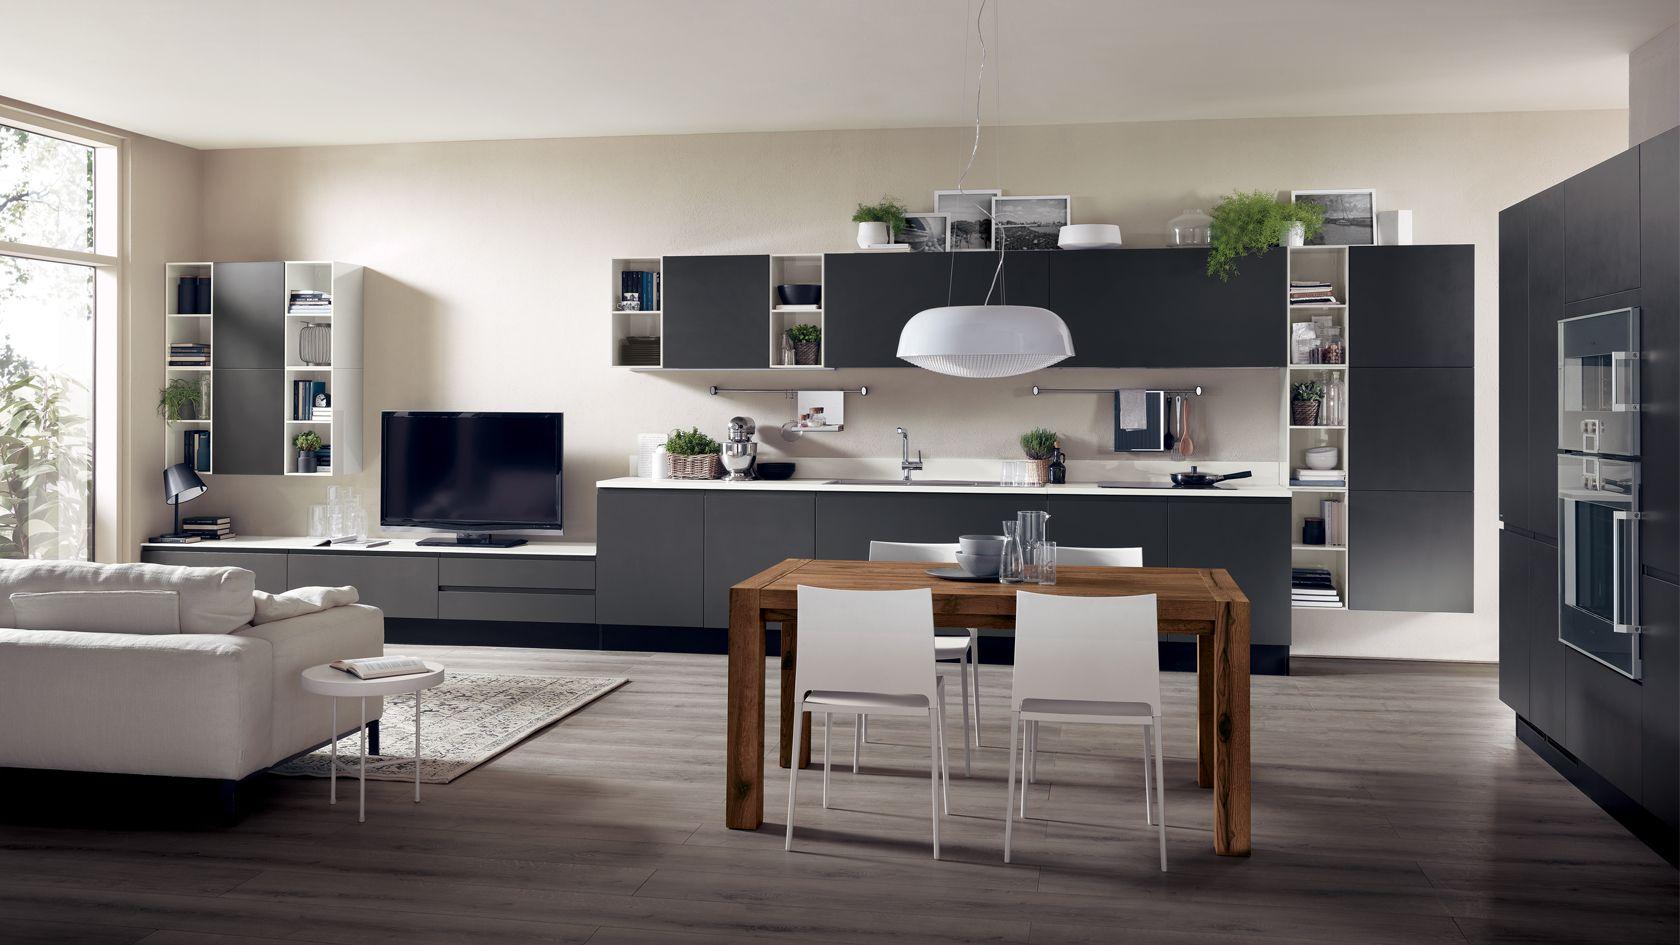 Cucina Laccata Motus | Sito ufficiale Scavolini | decoracion ...